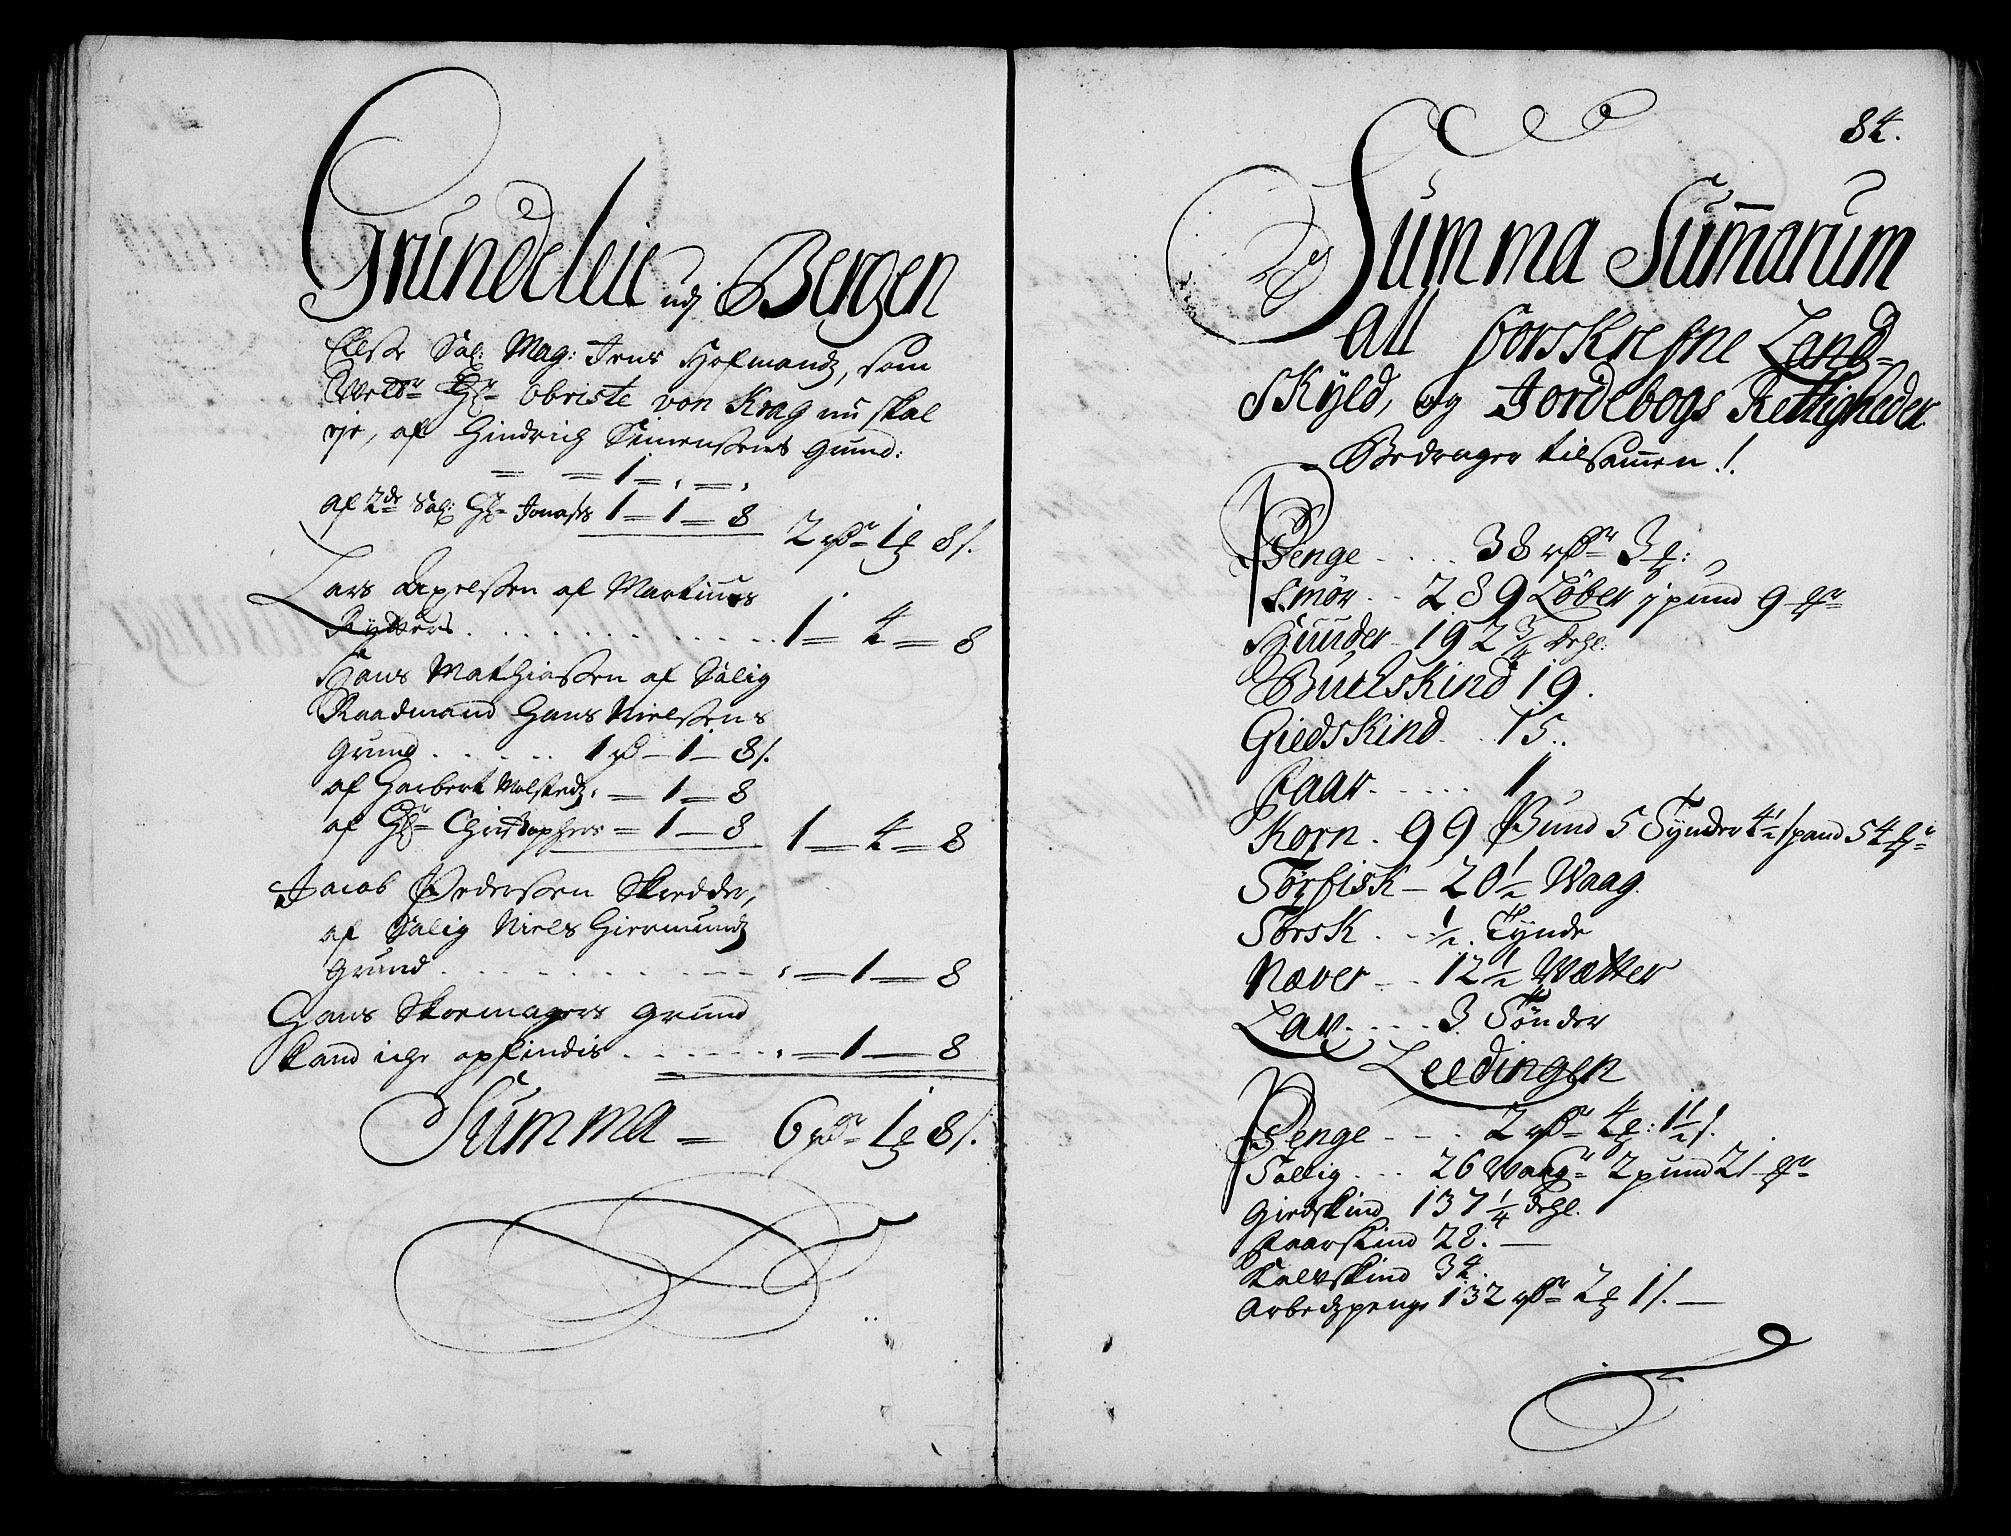 RA, Rentekammeret inntil 1814, Realistisk ordnet avdeling, On/L0003: [Jj 4]: Kommisjonsforretning over Vilhelm Hanssøns forpaktning av Halsnøy klosters gods, 1712-1722, s. 83b-84a